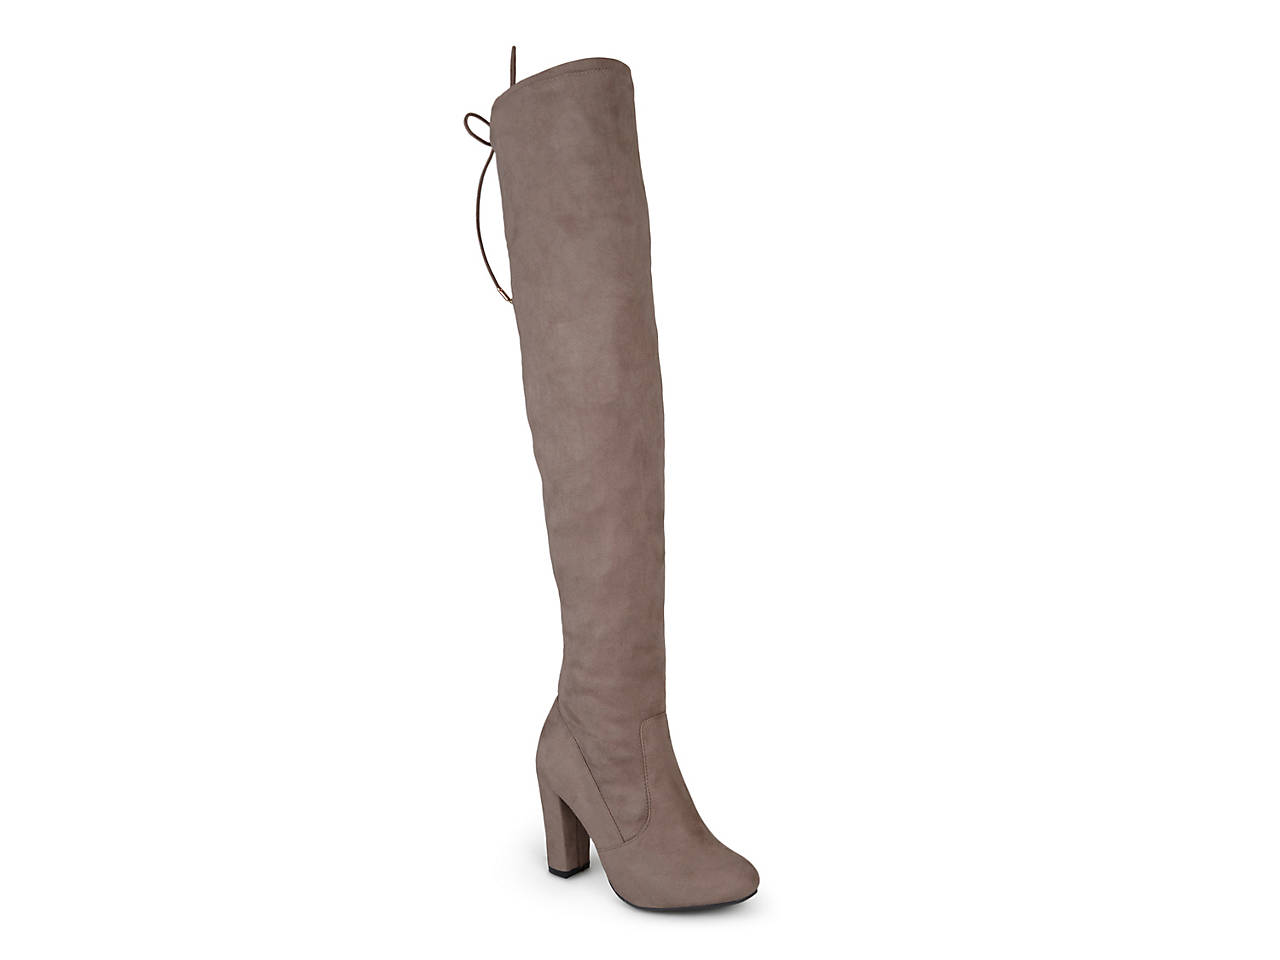 821715c7d4f Maya Wide Calf Thigh High Boot